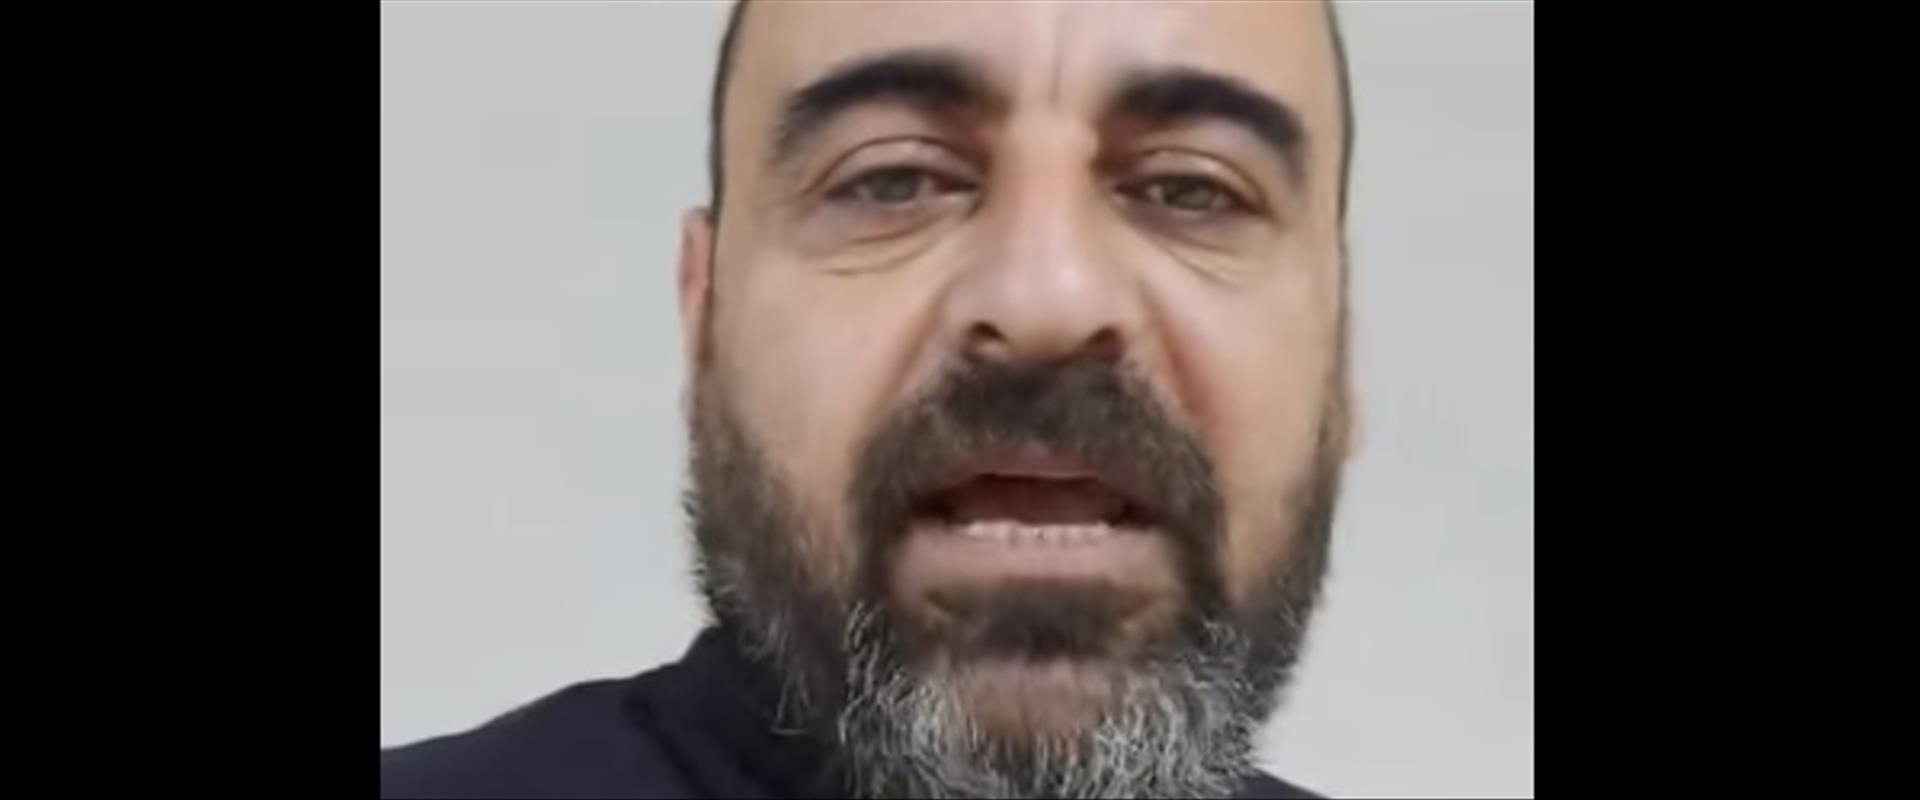 ניזאר בנאת, פעיל פלסטיני